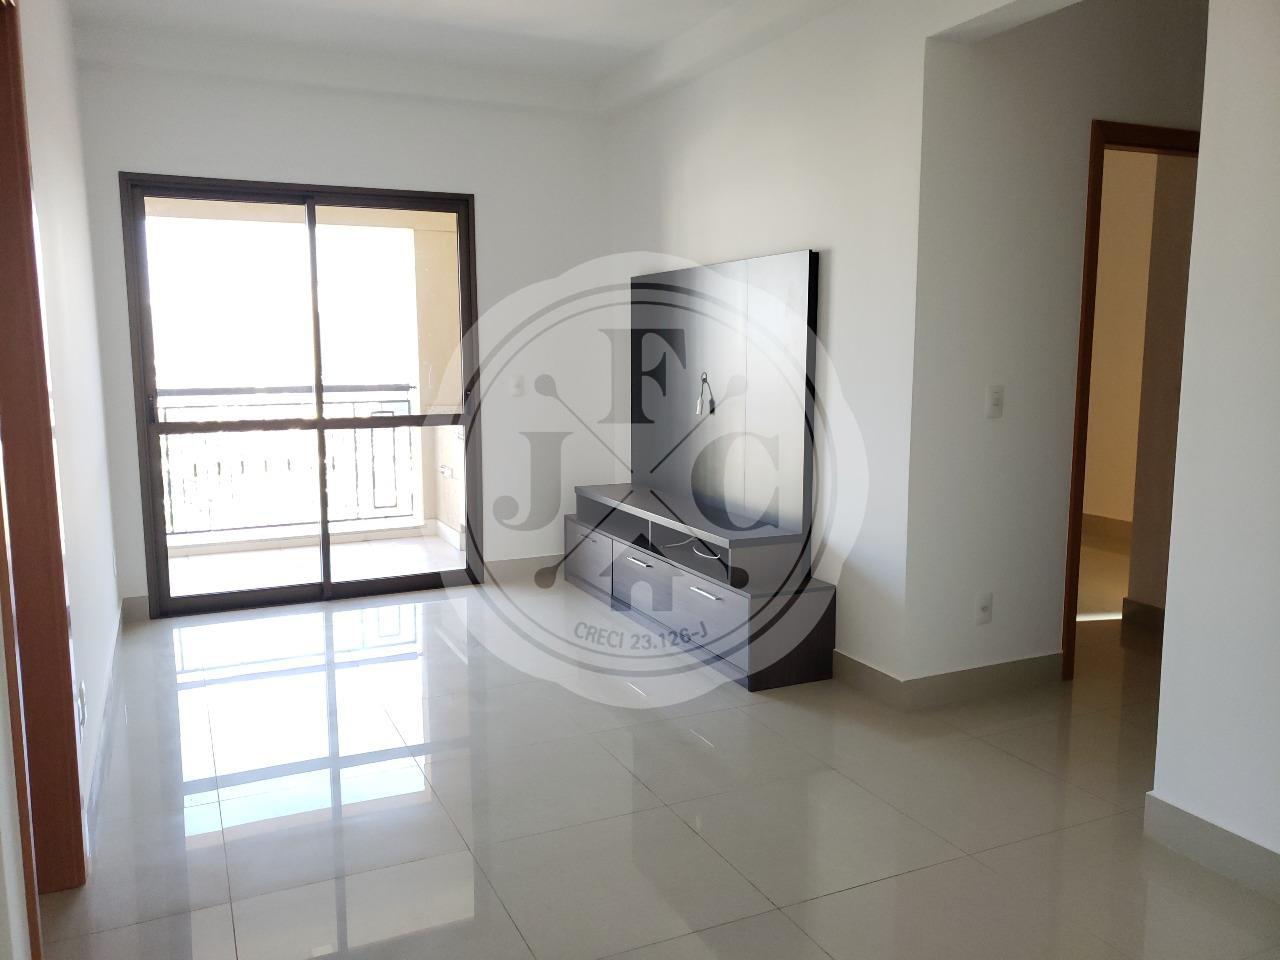 Exclusivo apartamento andar alto à venda com 2 dormitórios no Jardim Irajá.